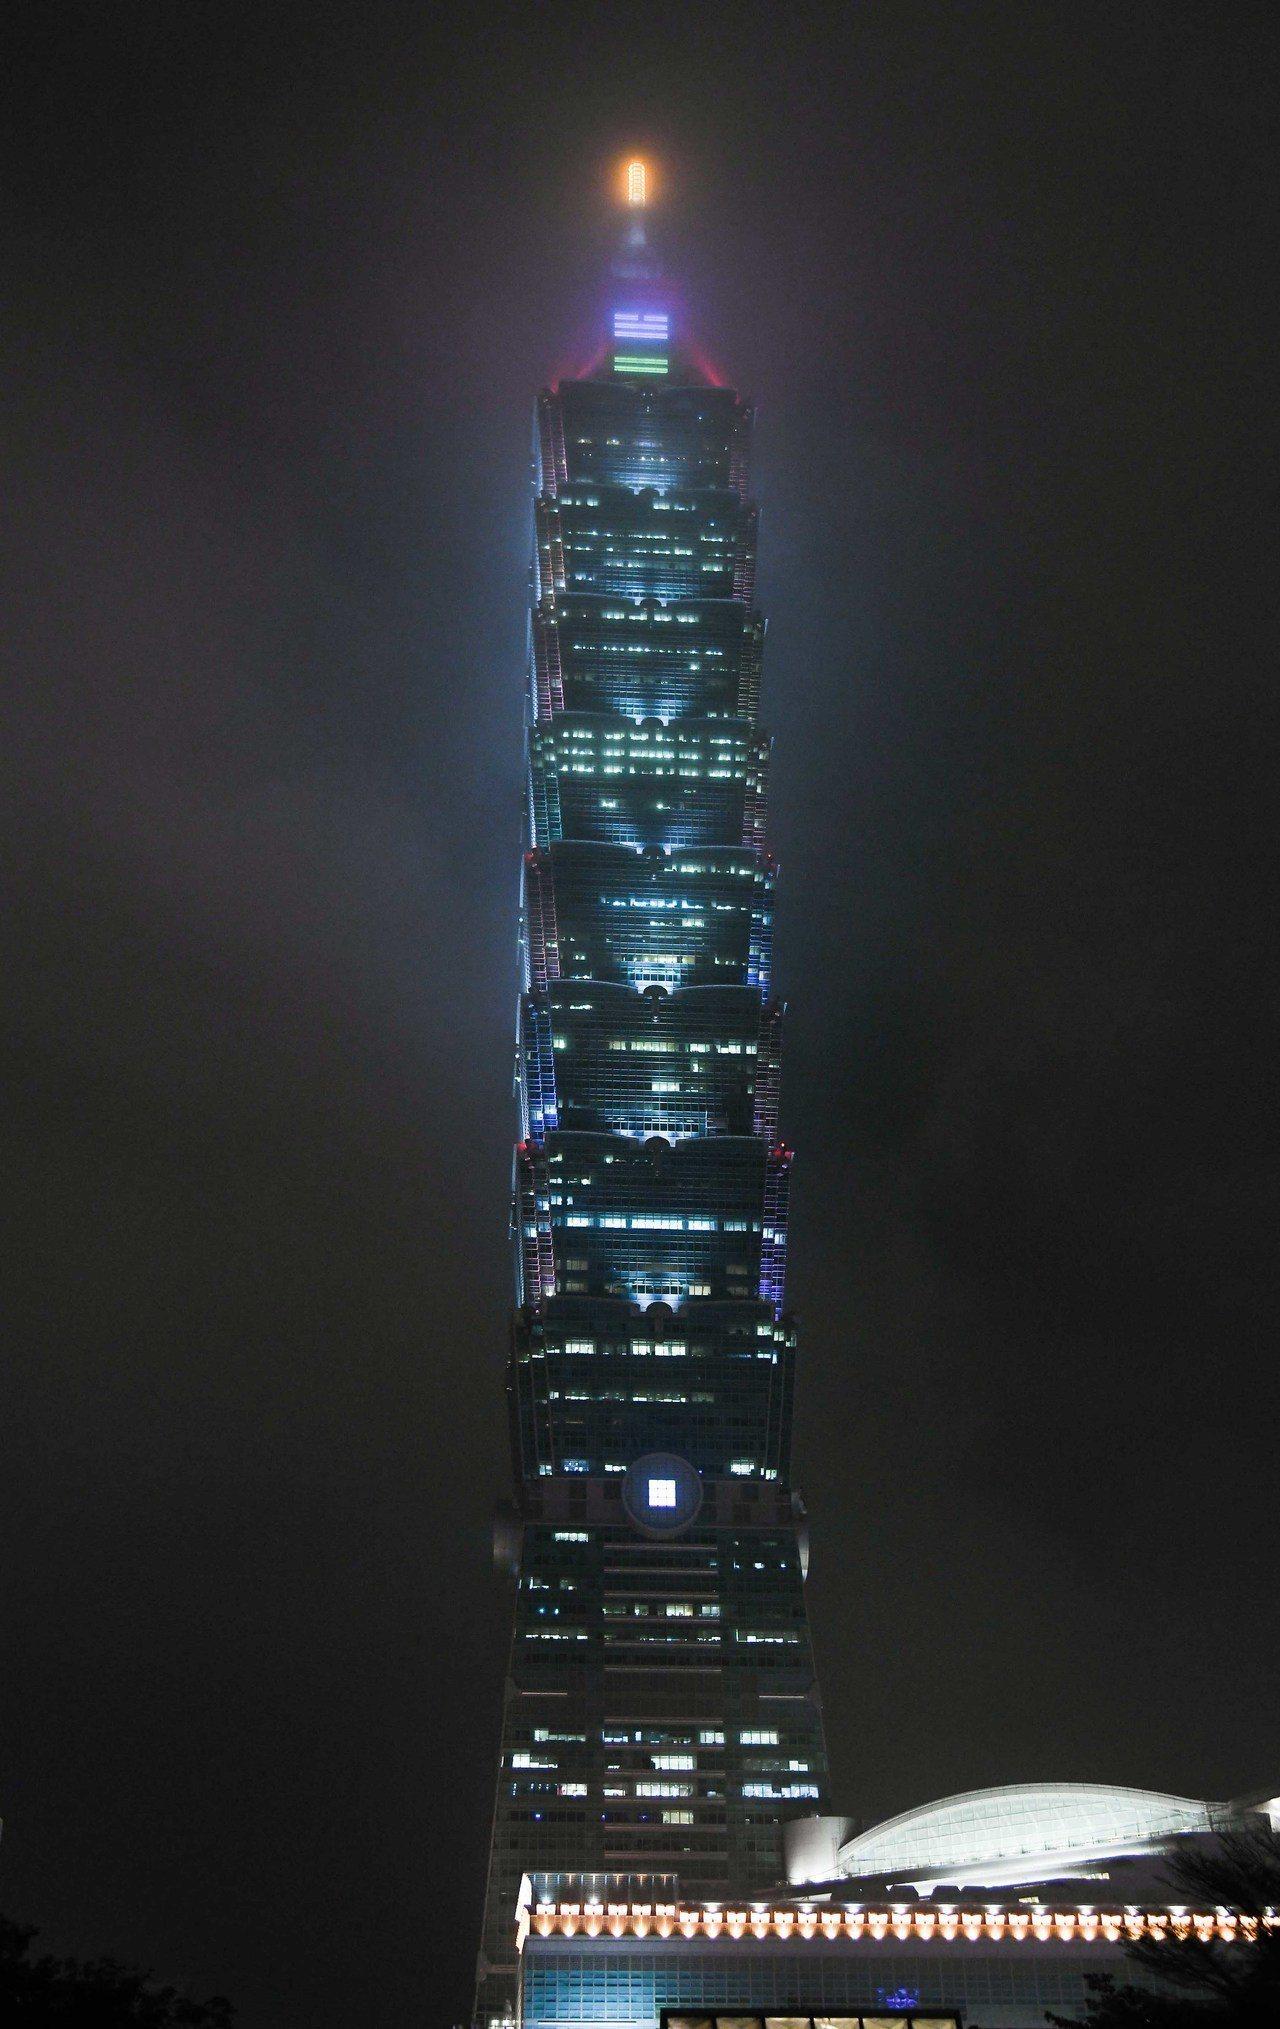 台北101即日起至元宵夜,一連5天推出元宵限定燈光設計。圖/台北101提供